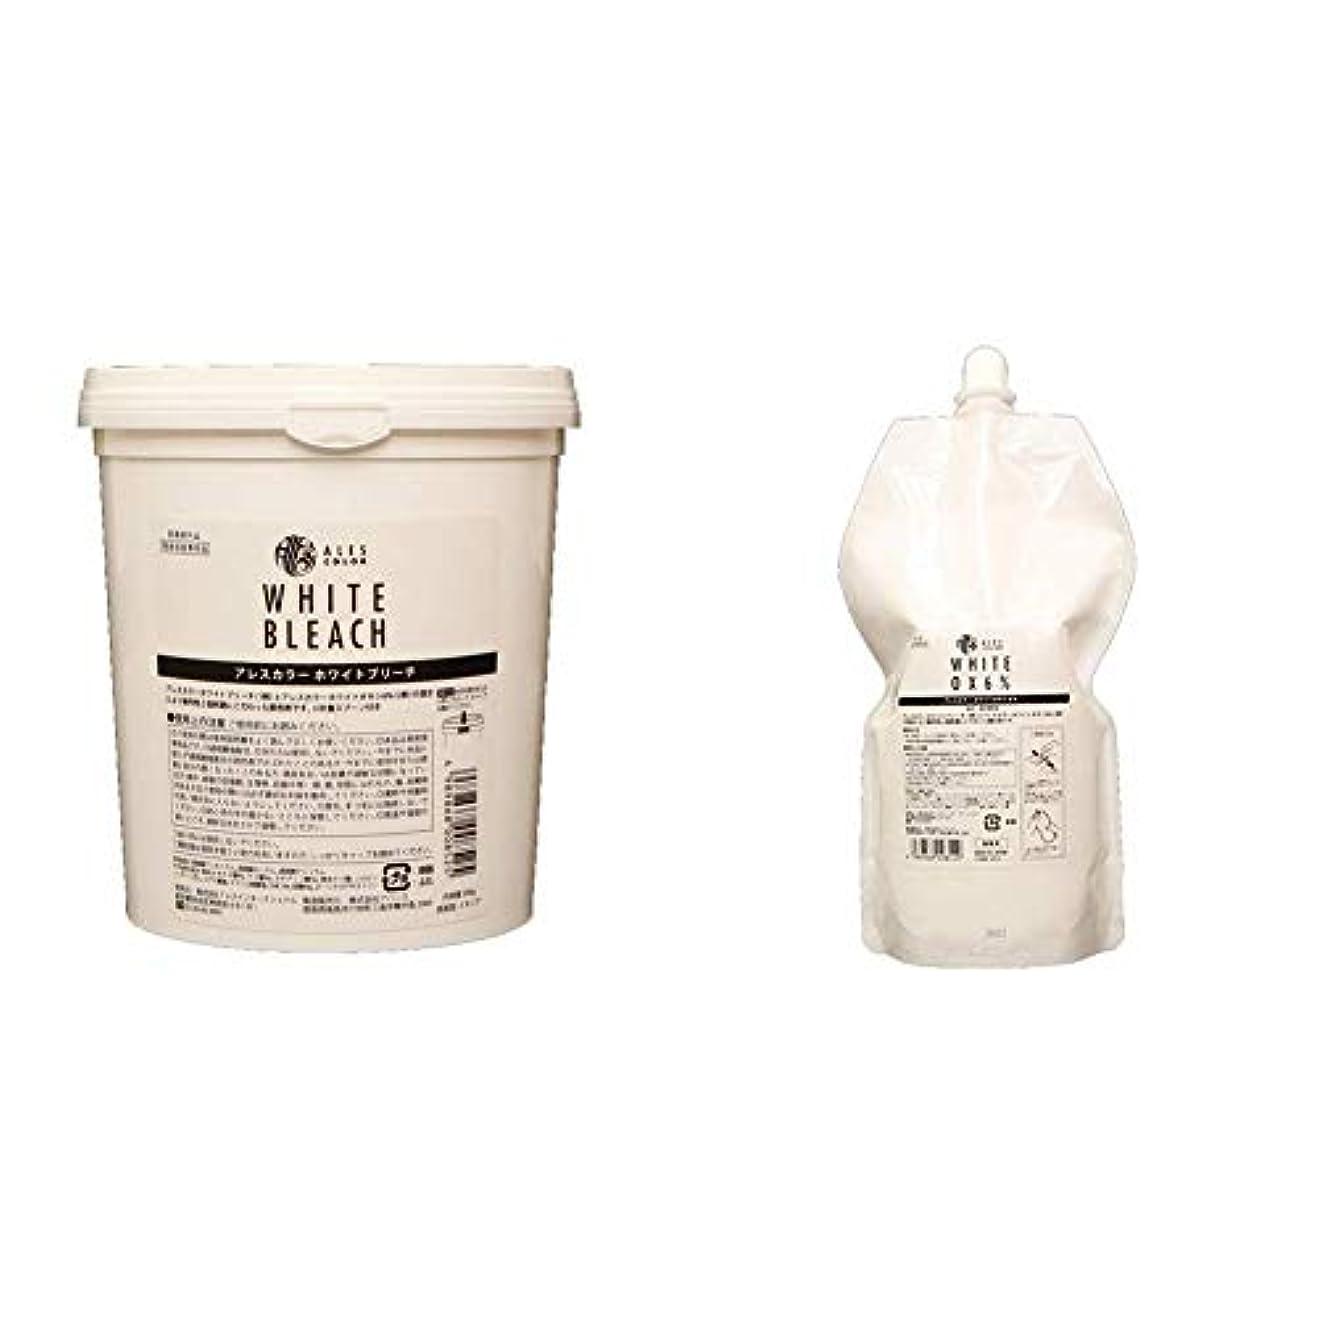 トークン二次あさりアレスカラー ホワイトブリーチ 500g & ホワイトオキシ6% 1000ml